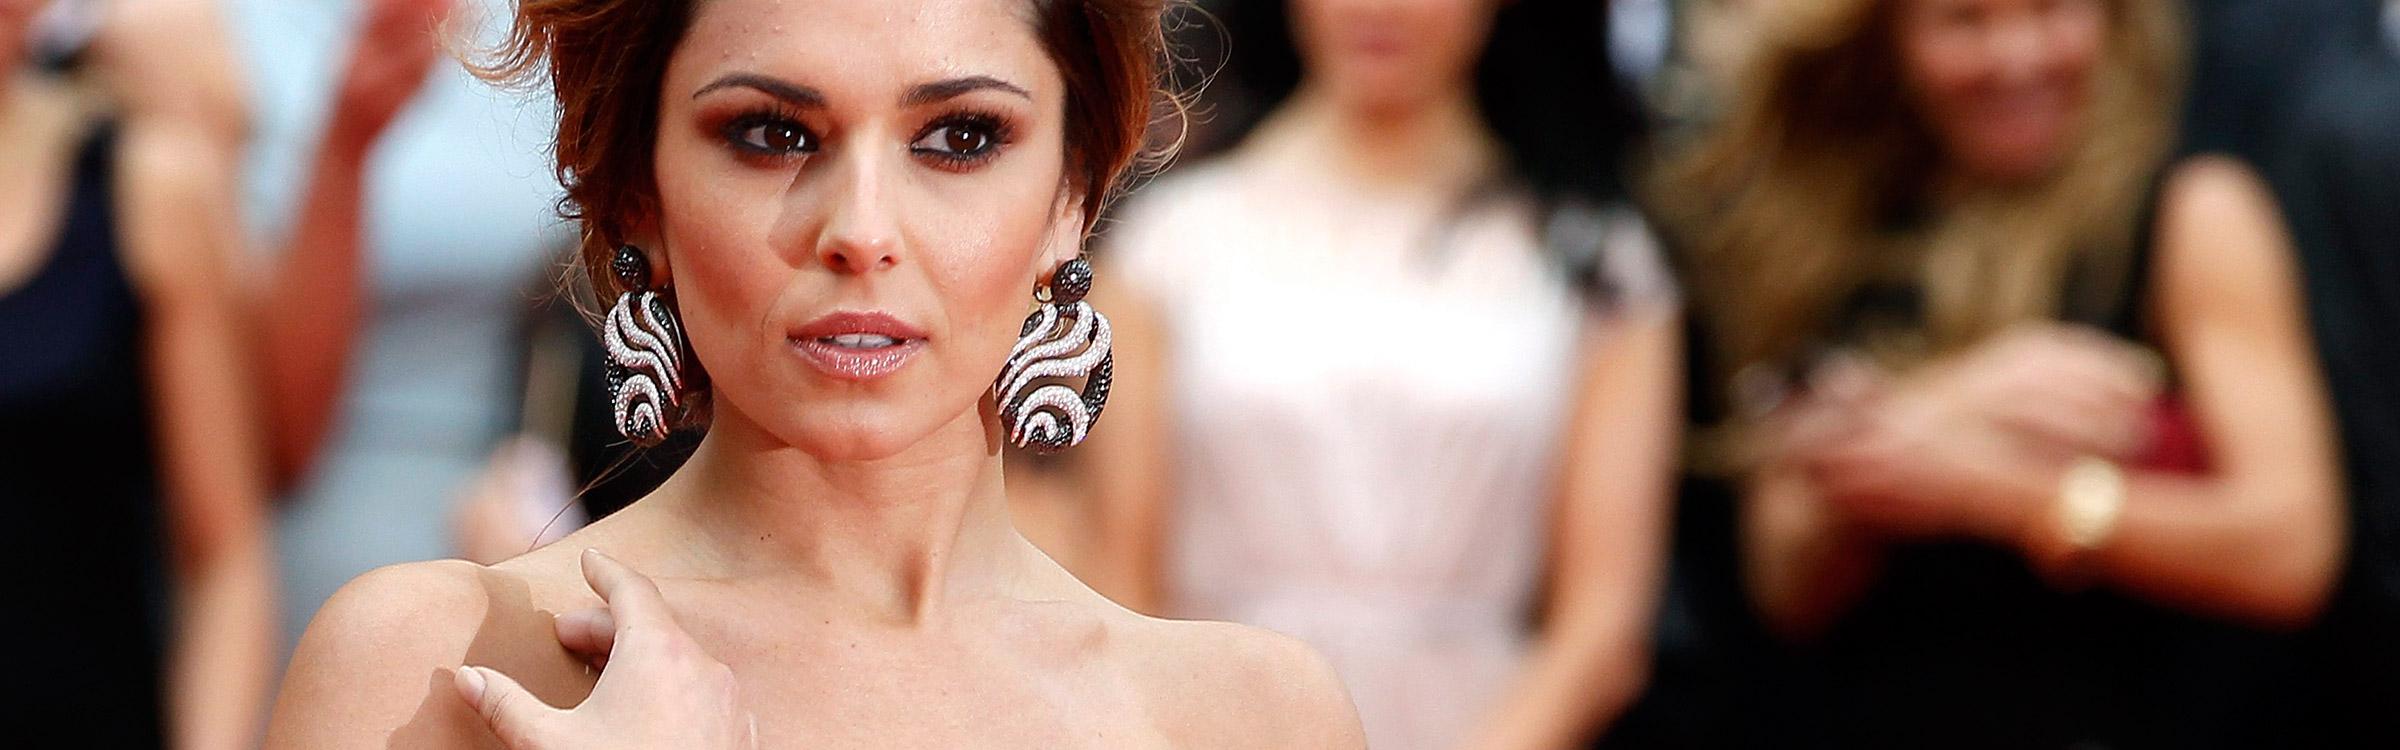 Cheryl header